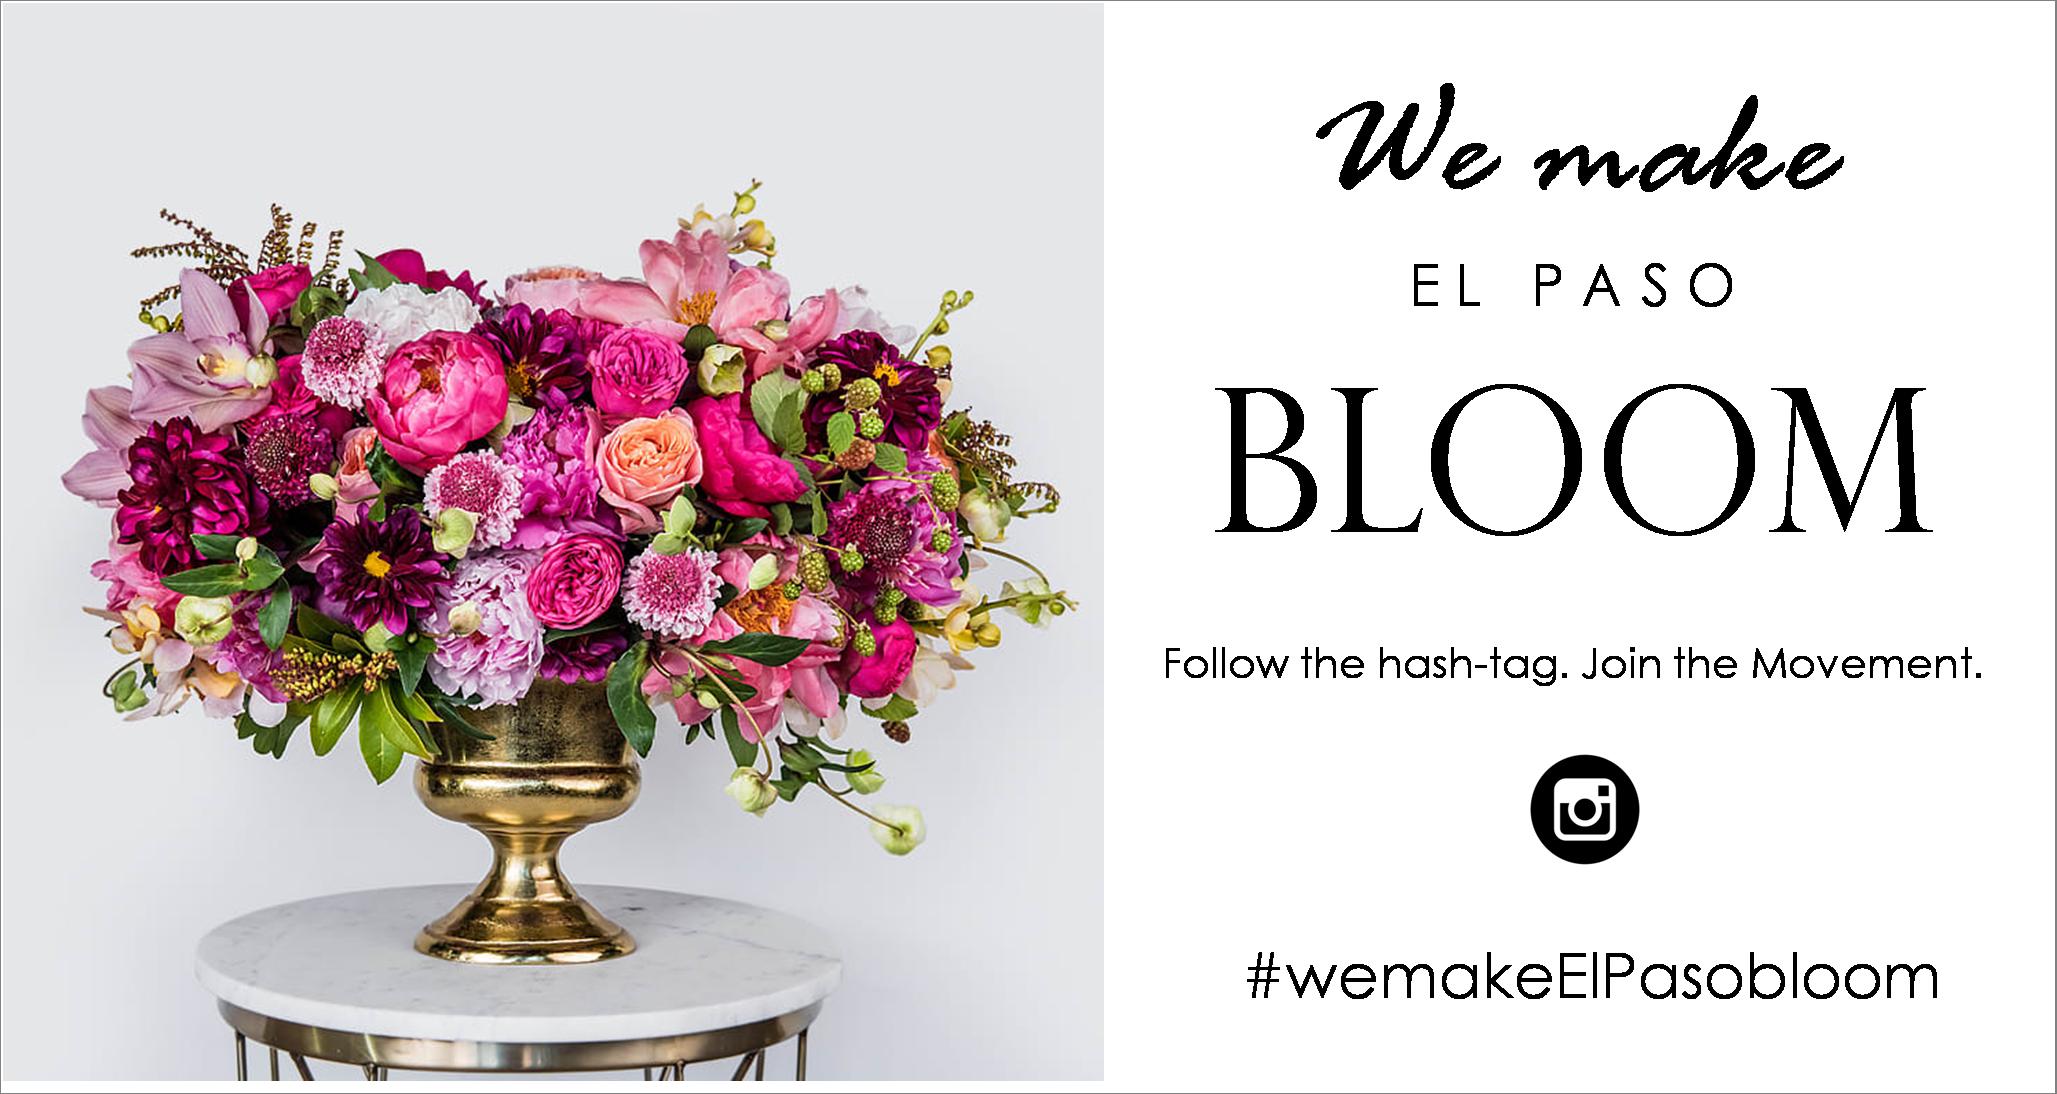 111-angies-floral-designs-el-paso-texas-79912-we-make-el-paso-bloom-el-paso-flower-delivery-angies-flower-el-paso-florist-email.png